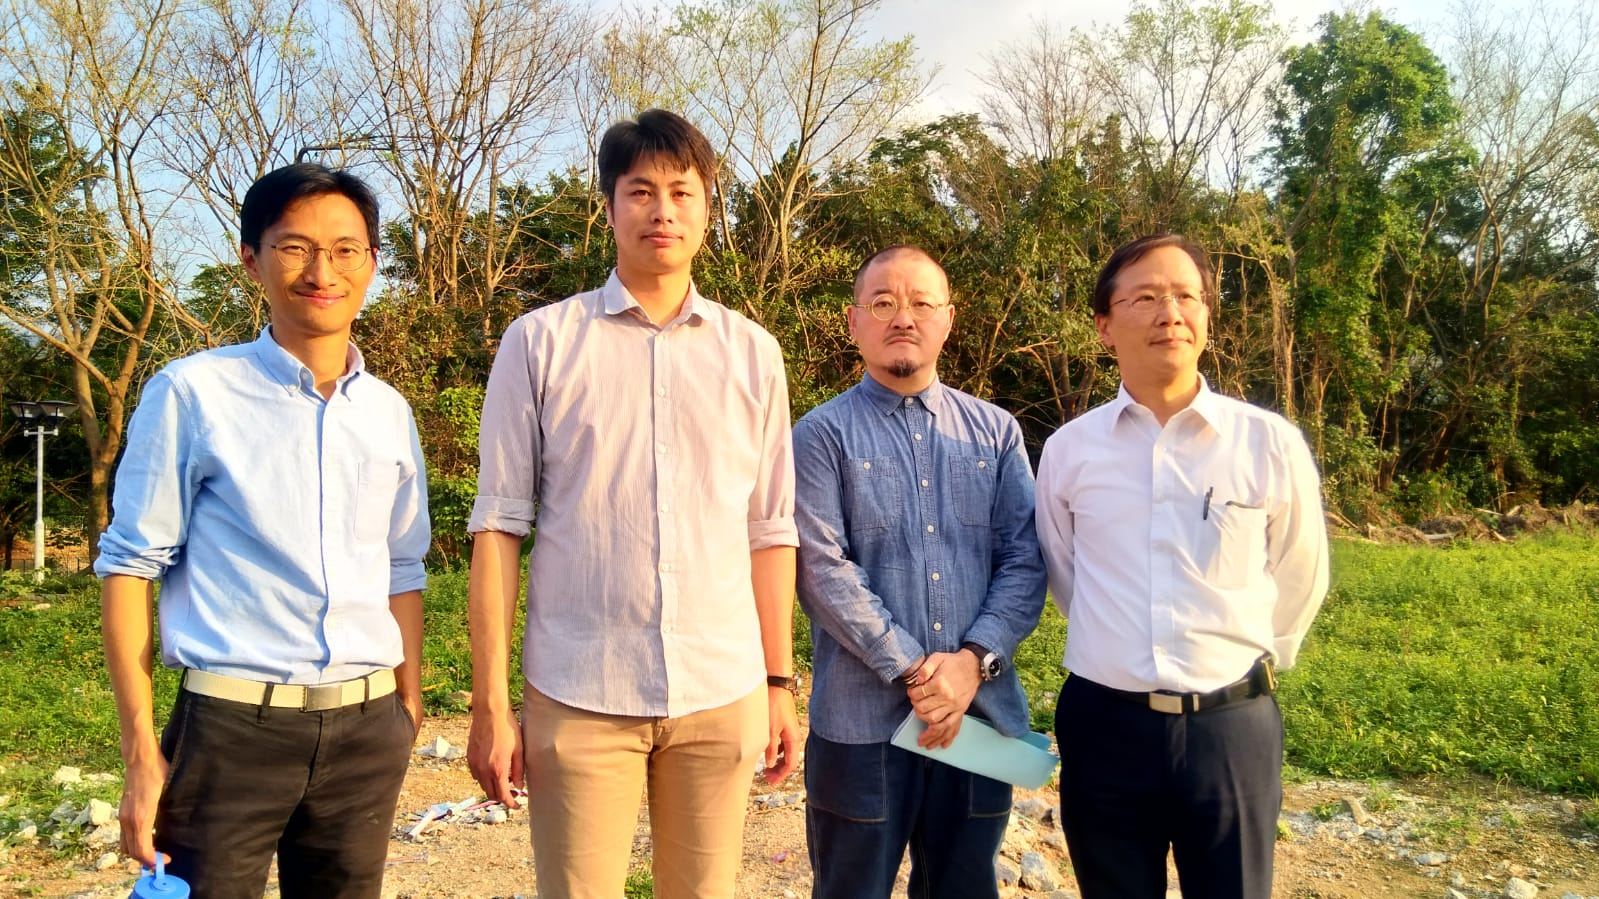 郭家麒、何俊賢、邵家臻、朱凱迪到古洞農業園範圍了解